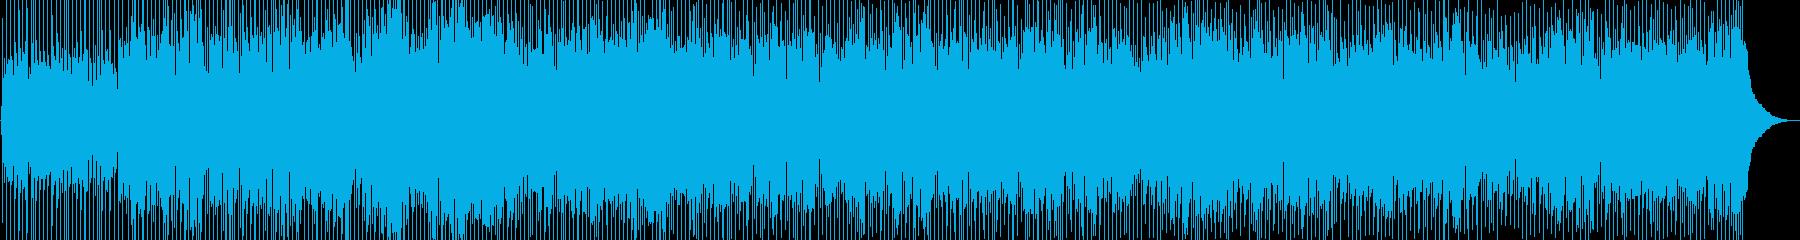 ワイルドスでトレートなフォークロックの再生済みの波形